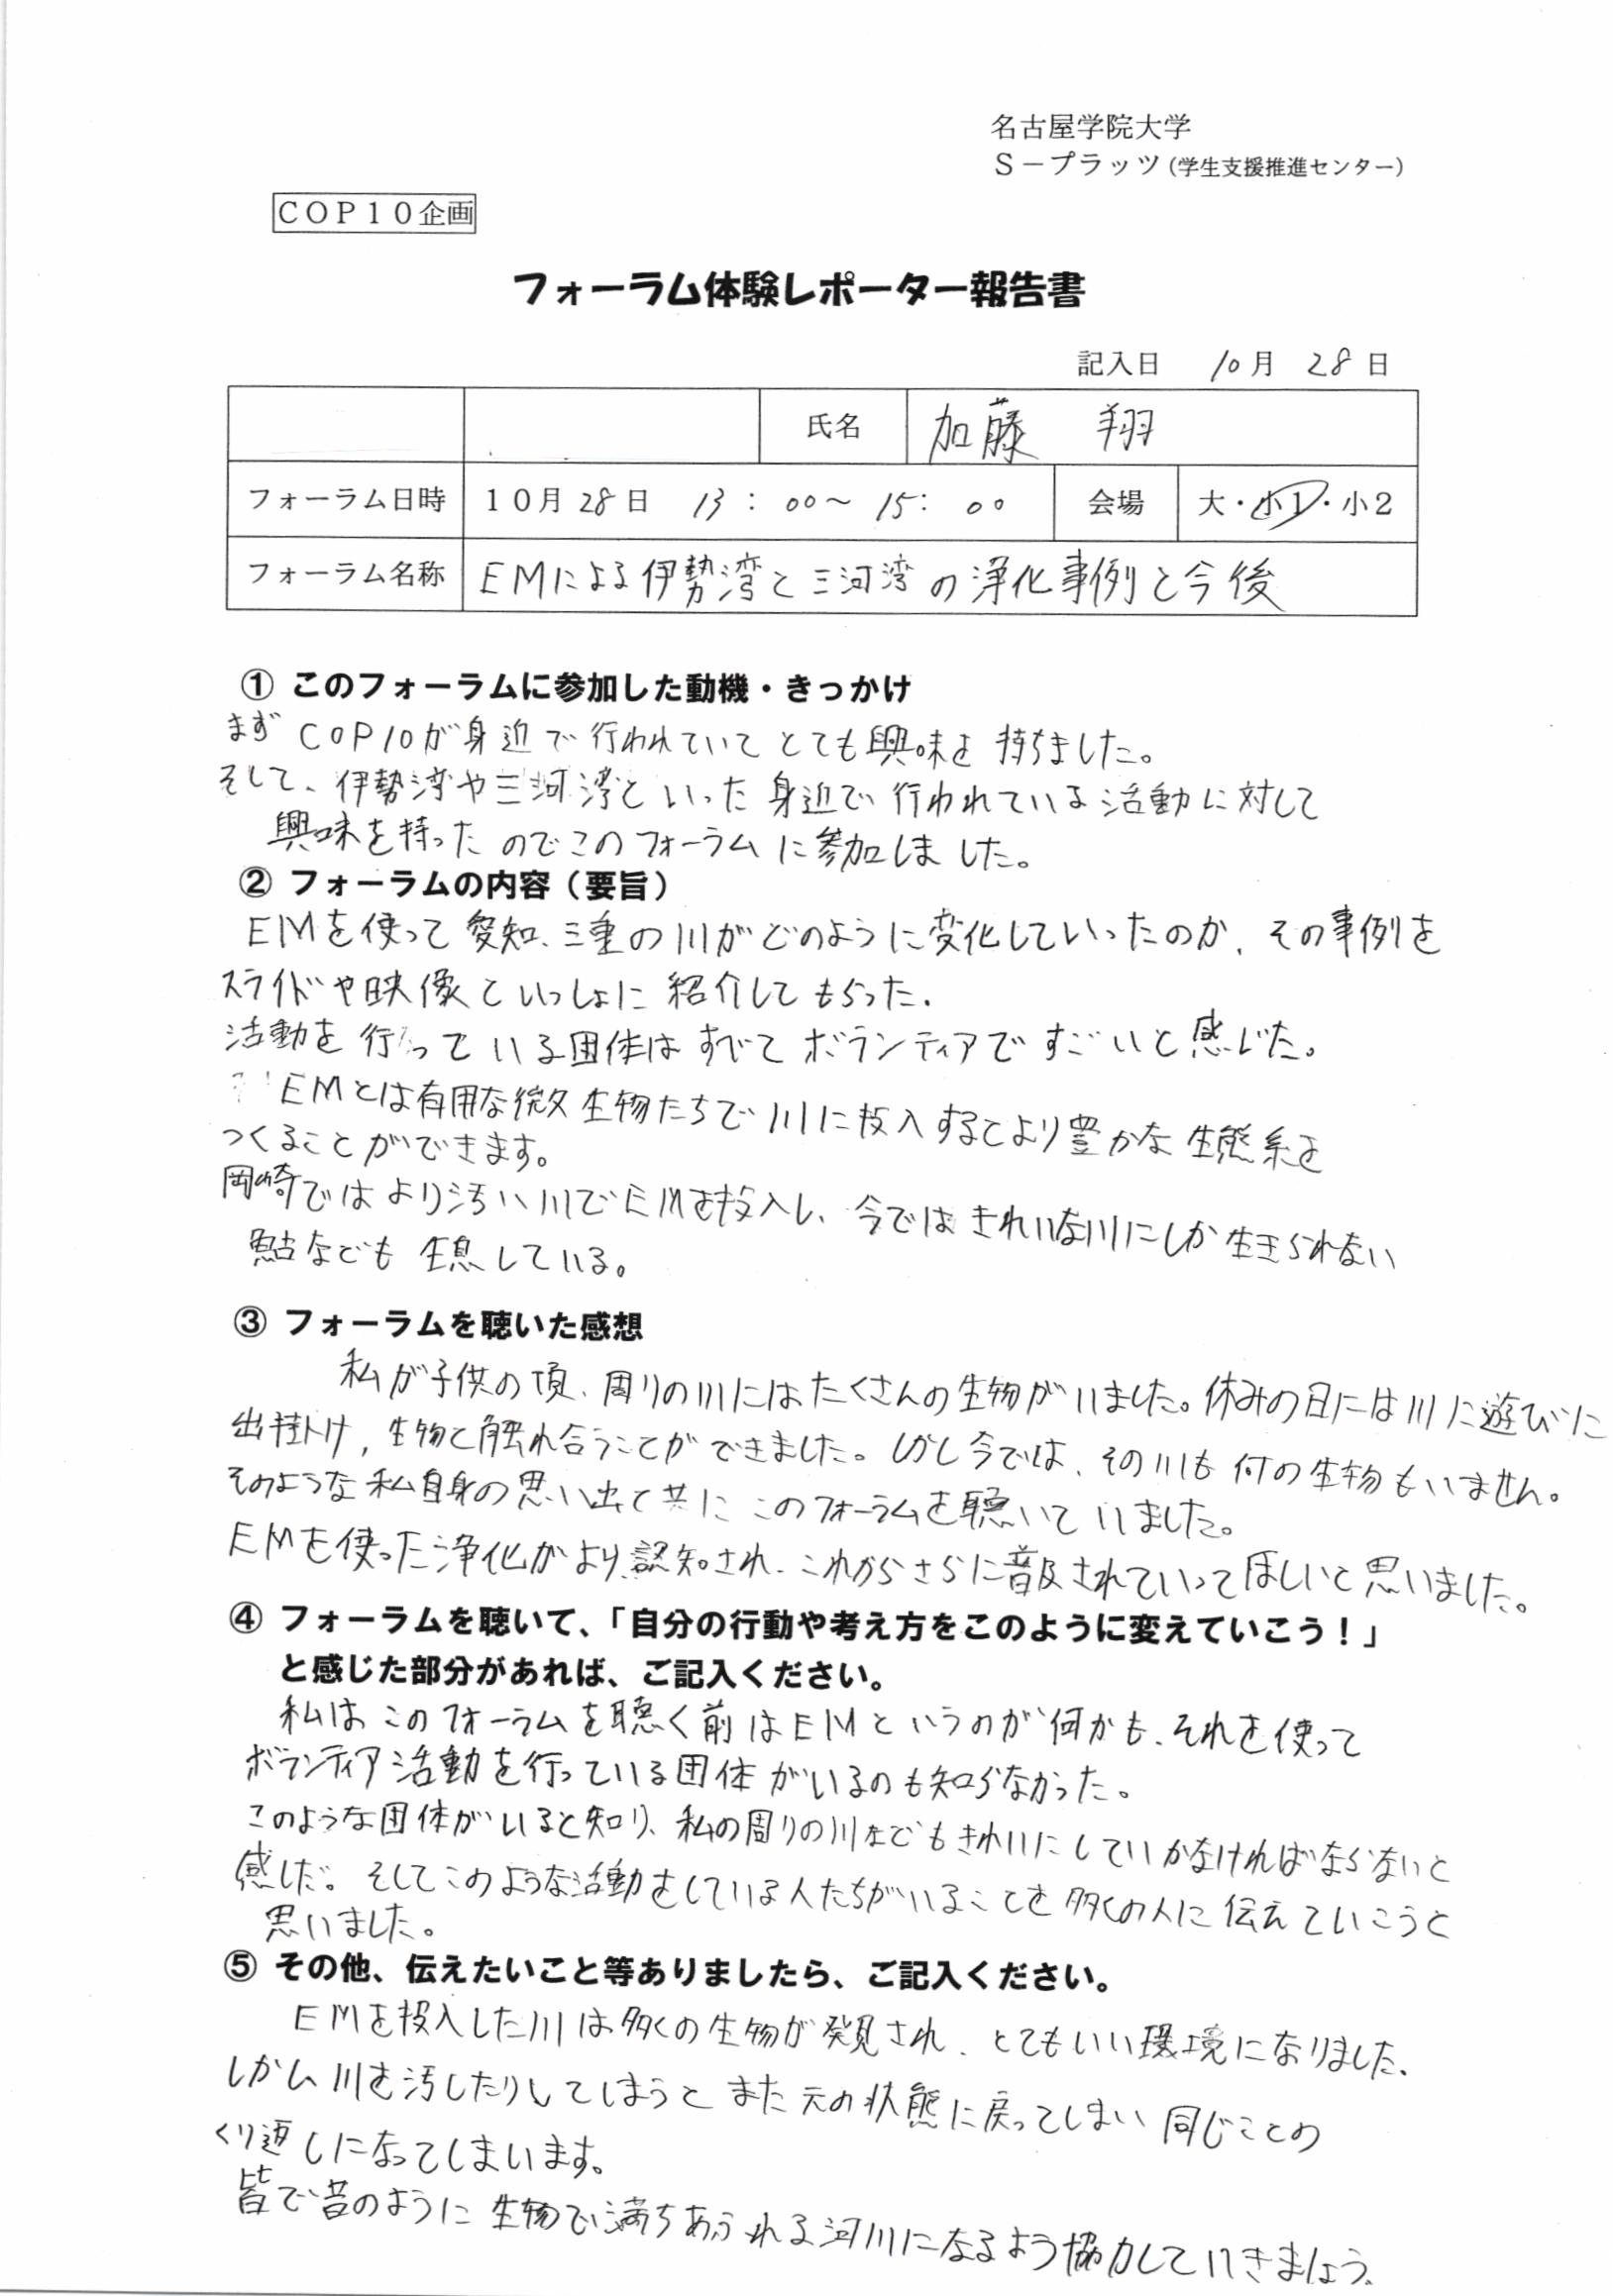 フォーラム体験レポーター報告加藤